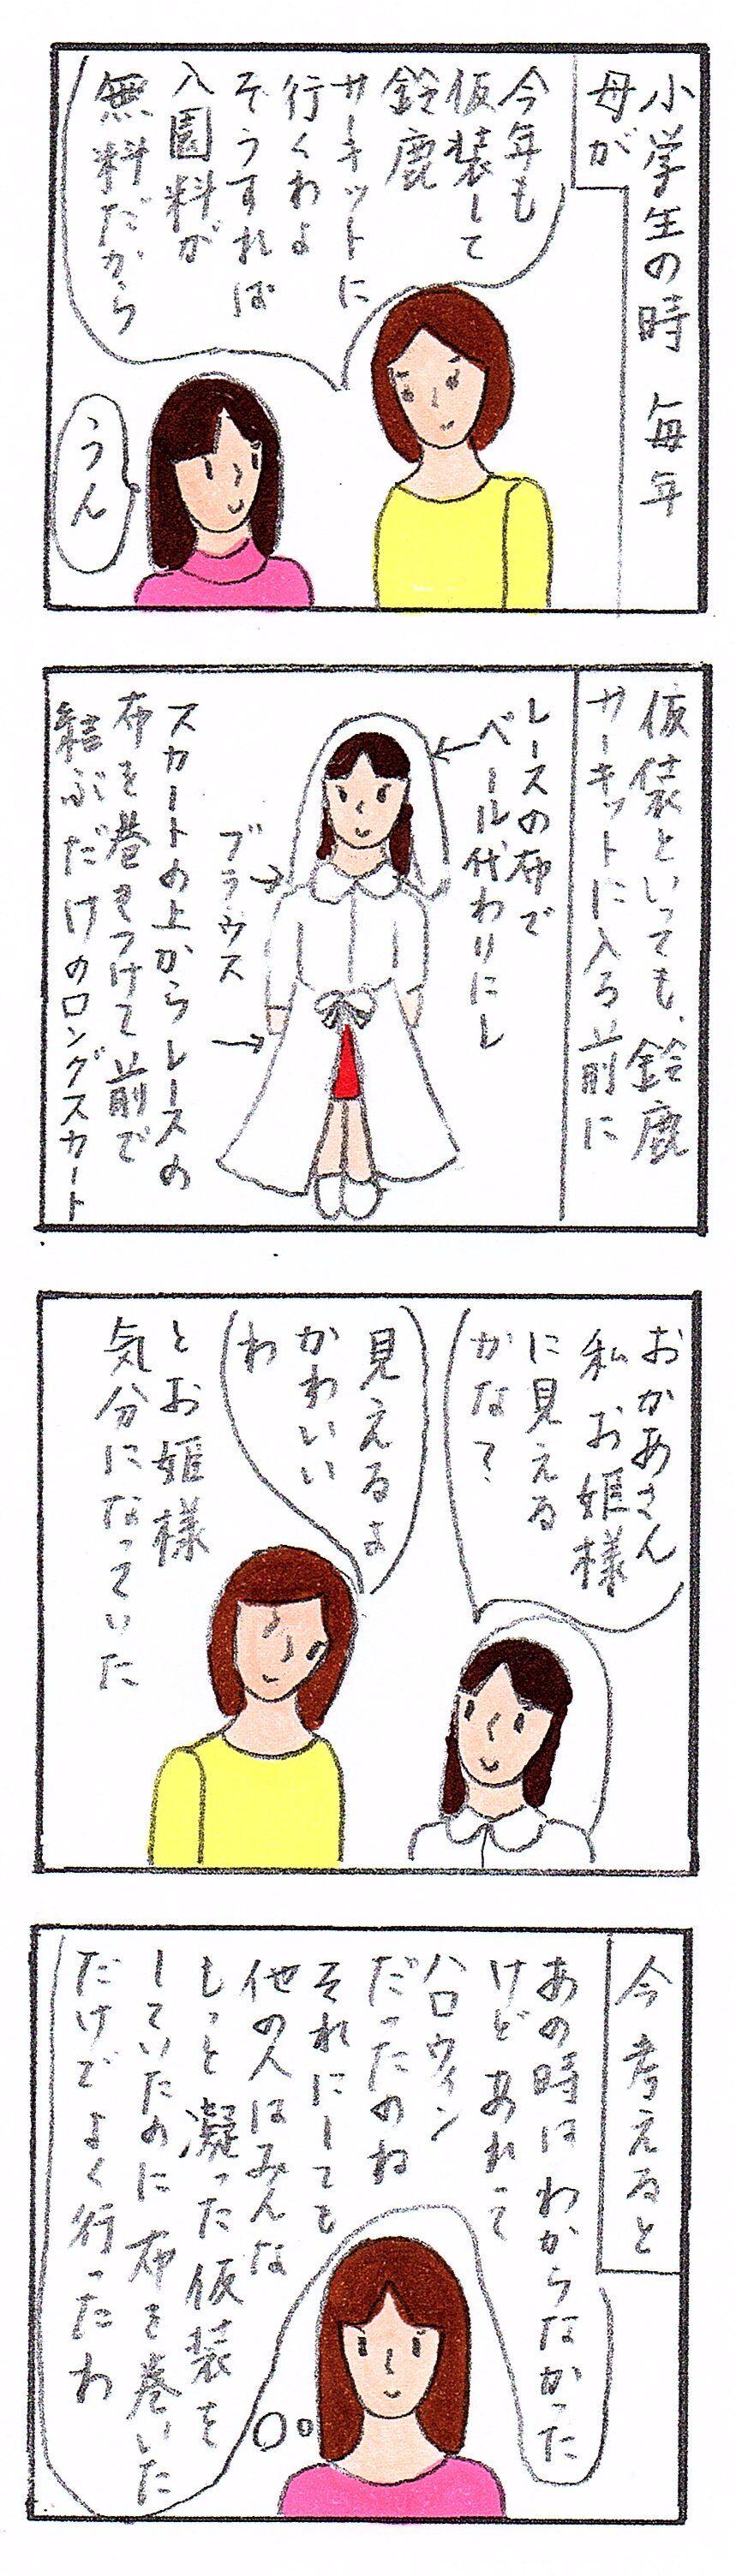 鈴鹿サーキットで(前編)